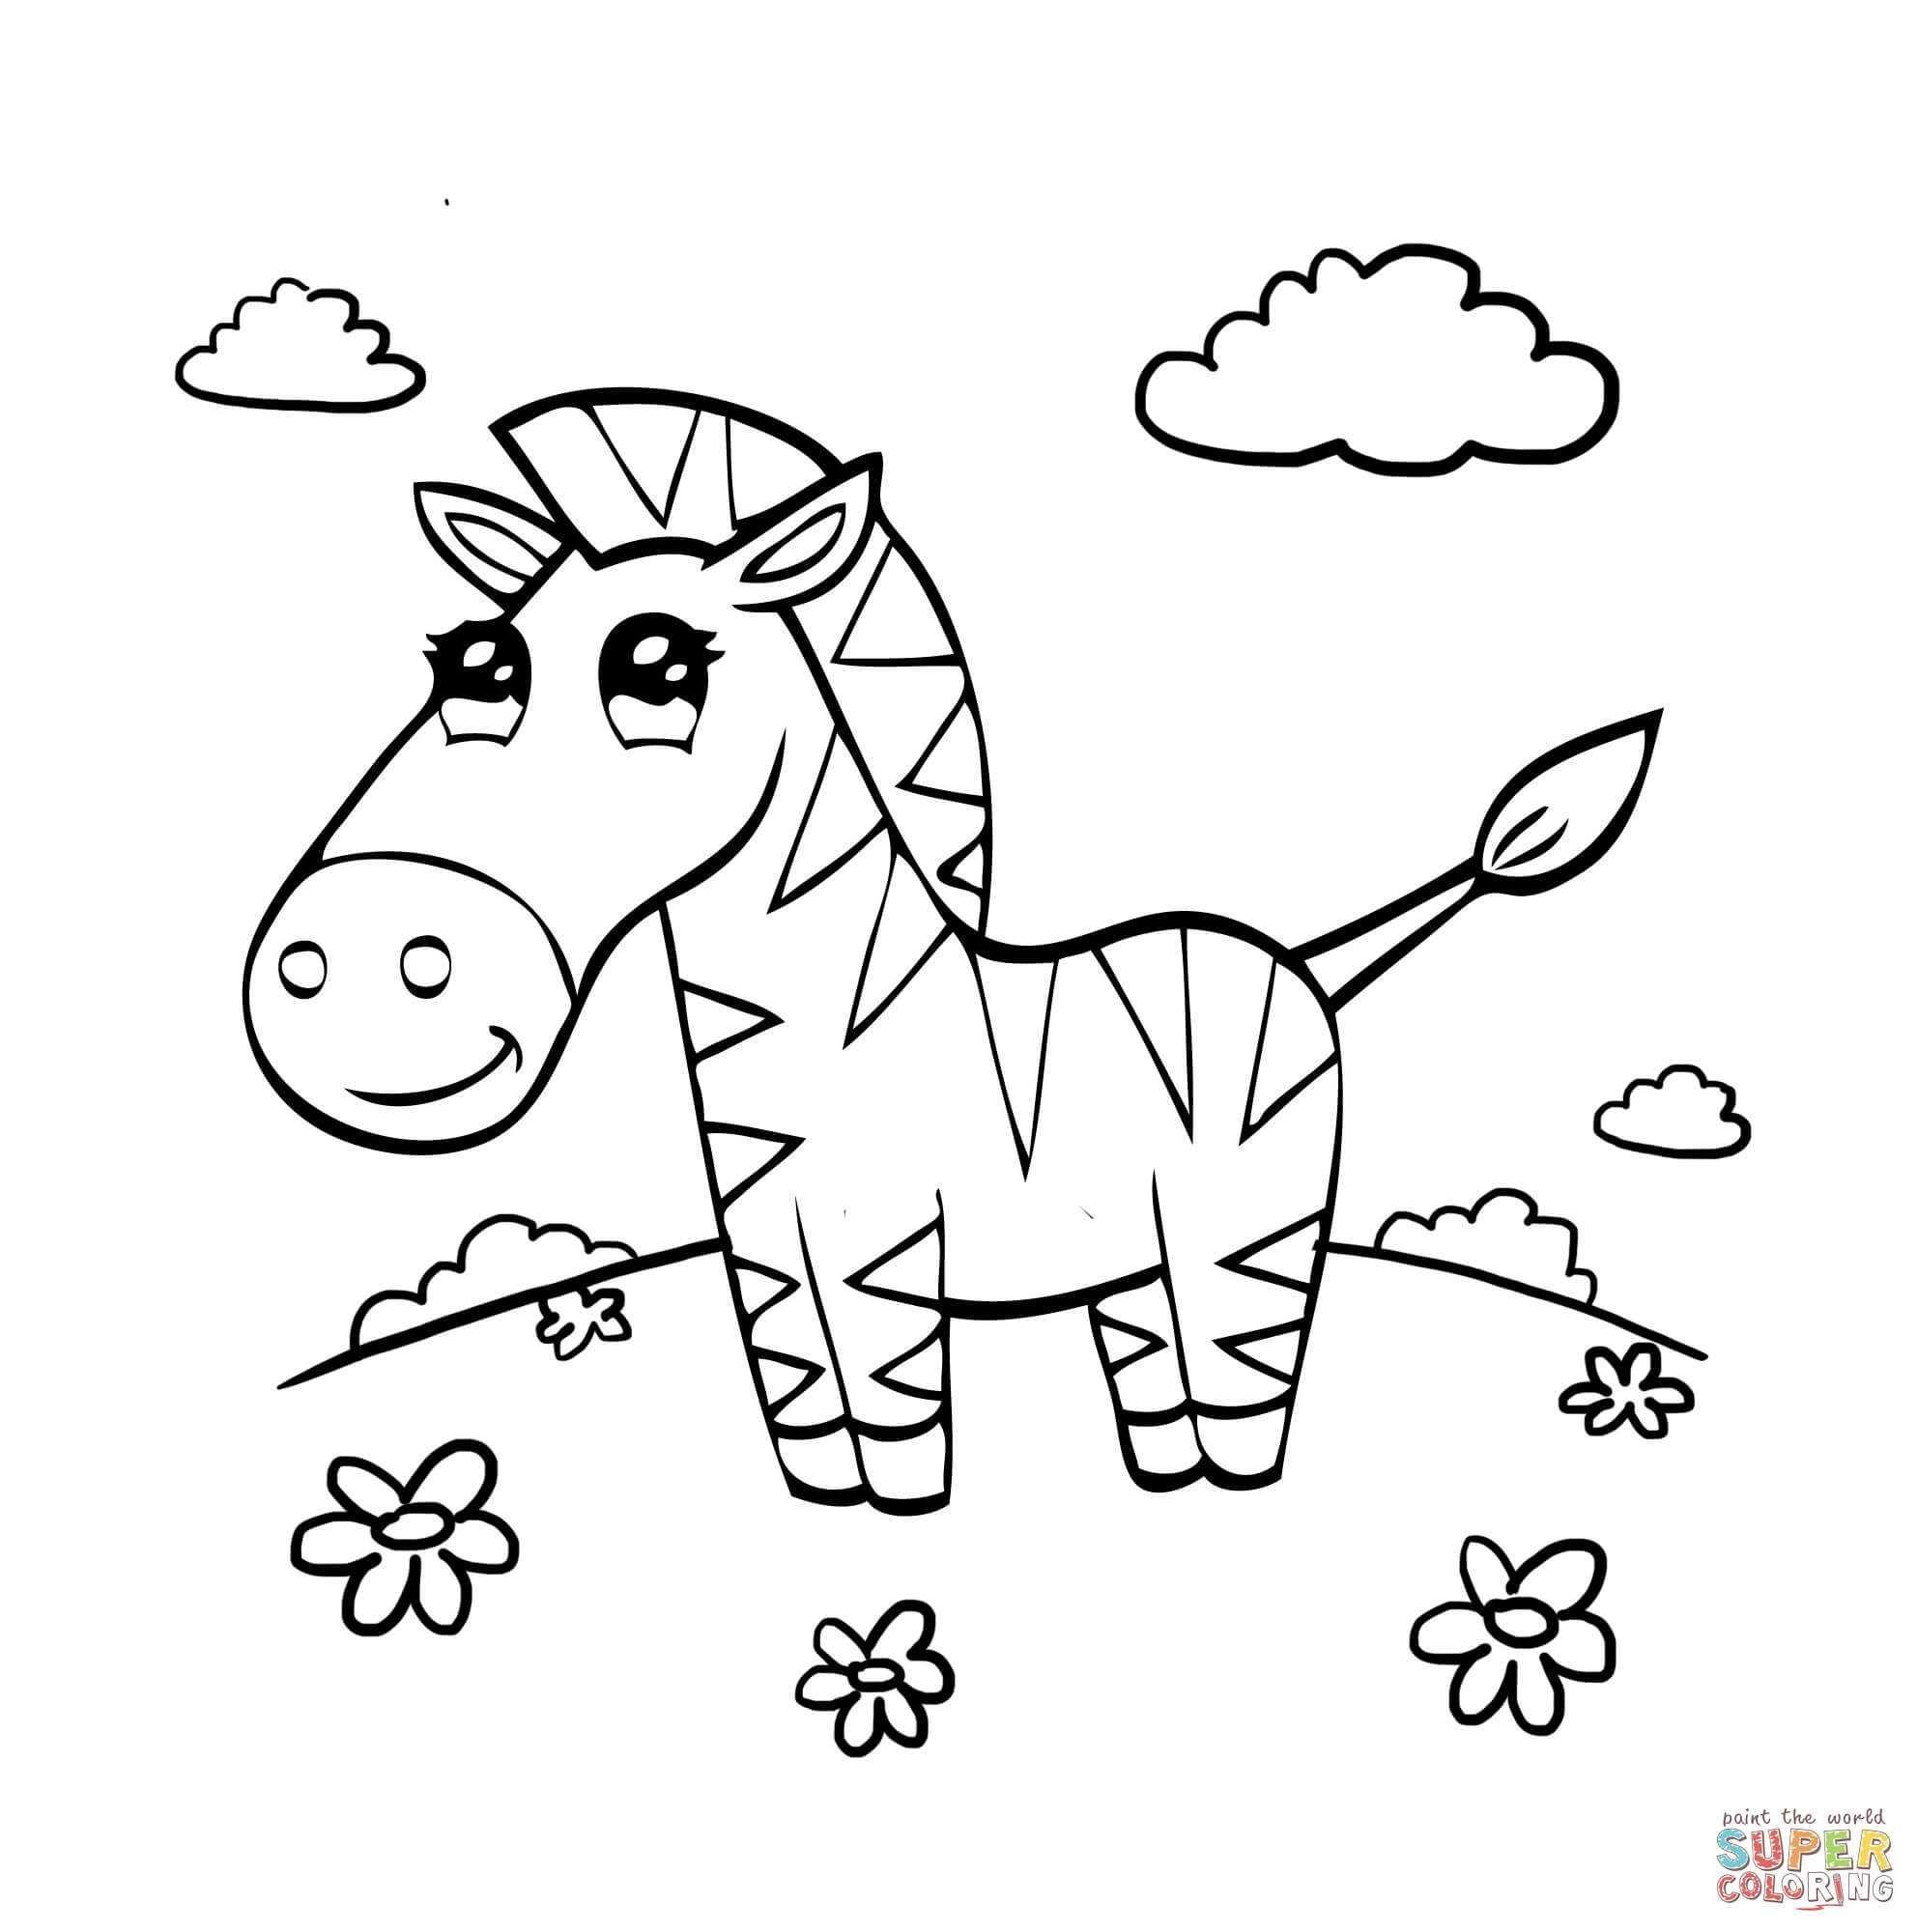 Boyama Sayfalari Okul Oncesi Etkinlik Faliyetleri Madamteacher Com Boyama Kitaplari Zebras Hayvan Boyama Sayfalari